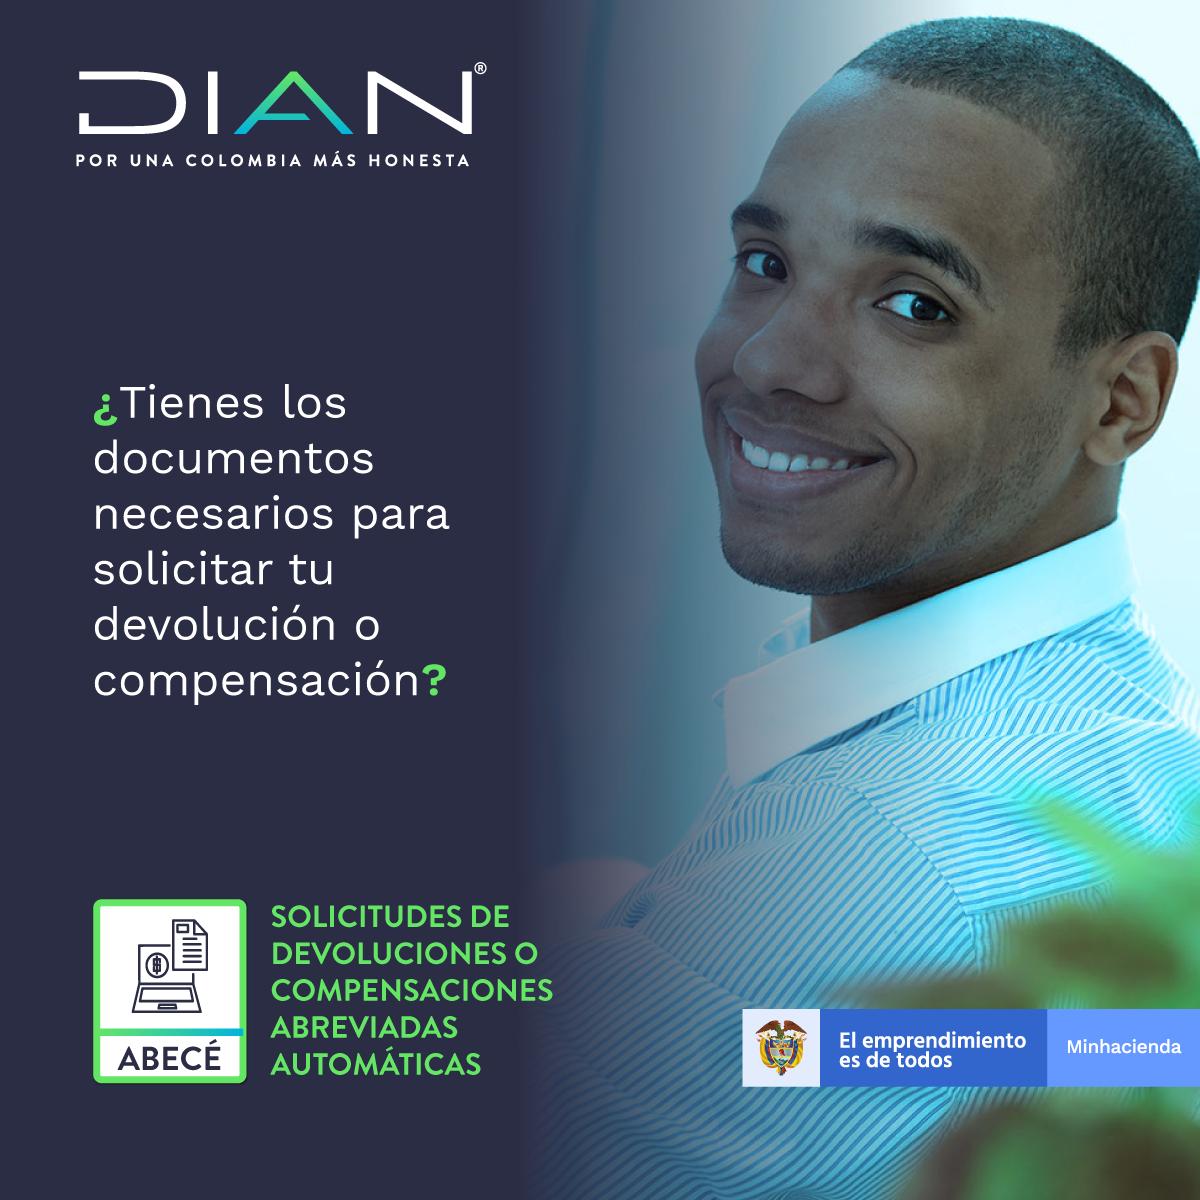 Dian publica guía para comprobar requisitos para solicitar devolución de saldo a favor